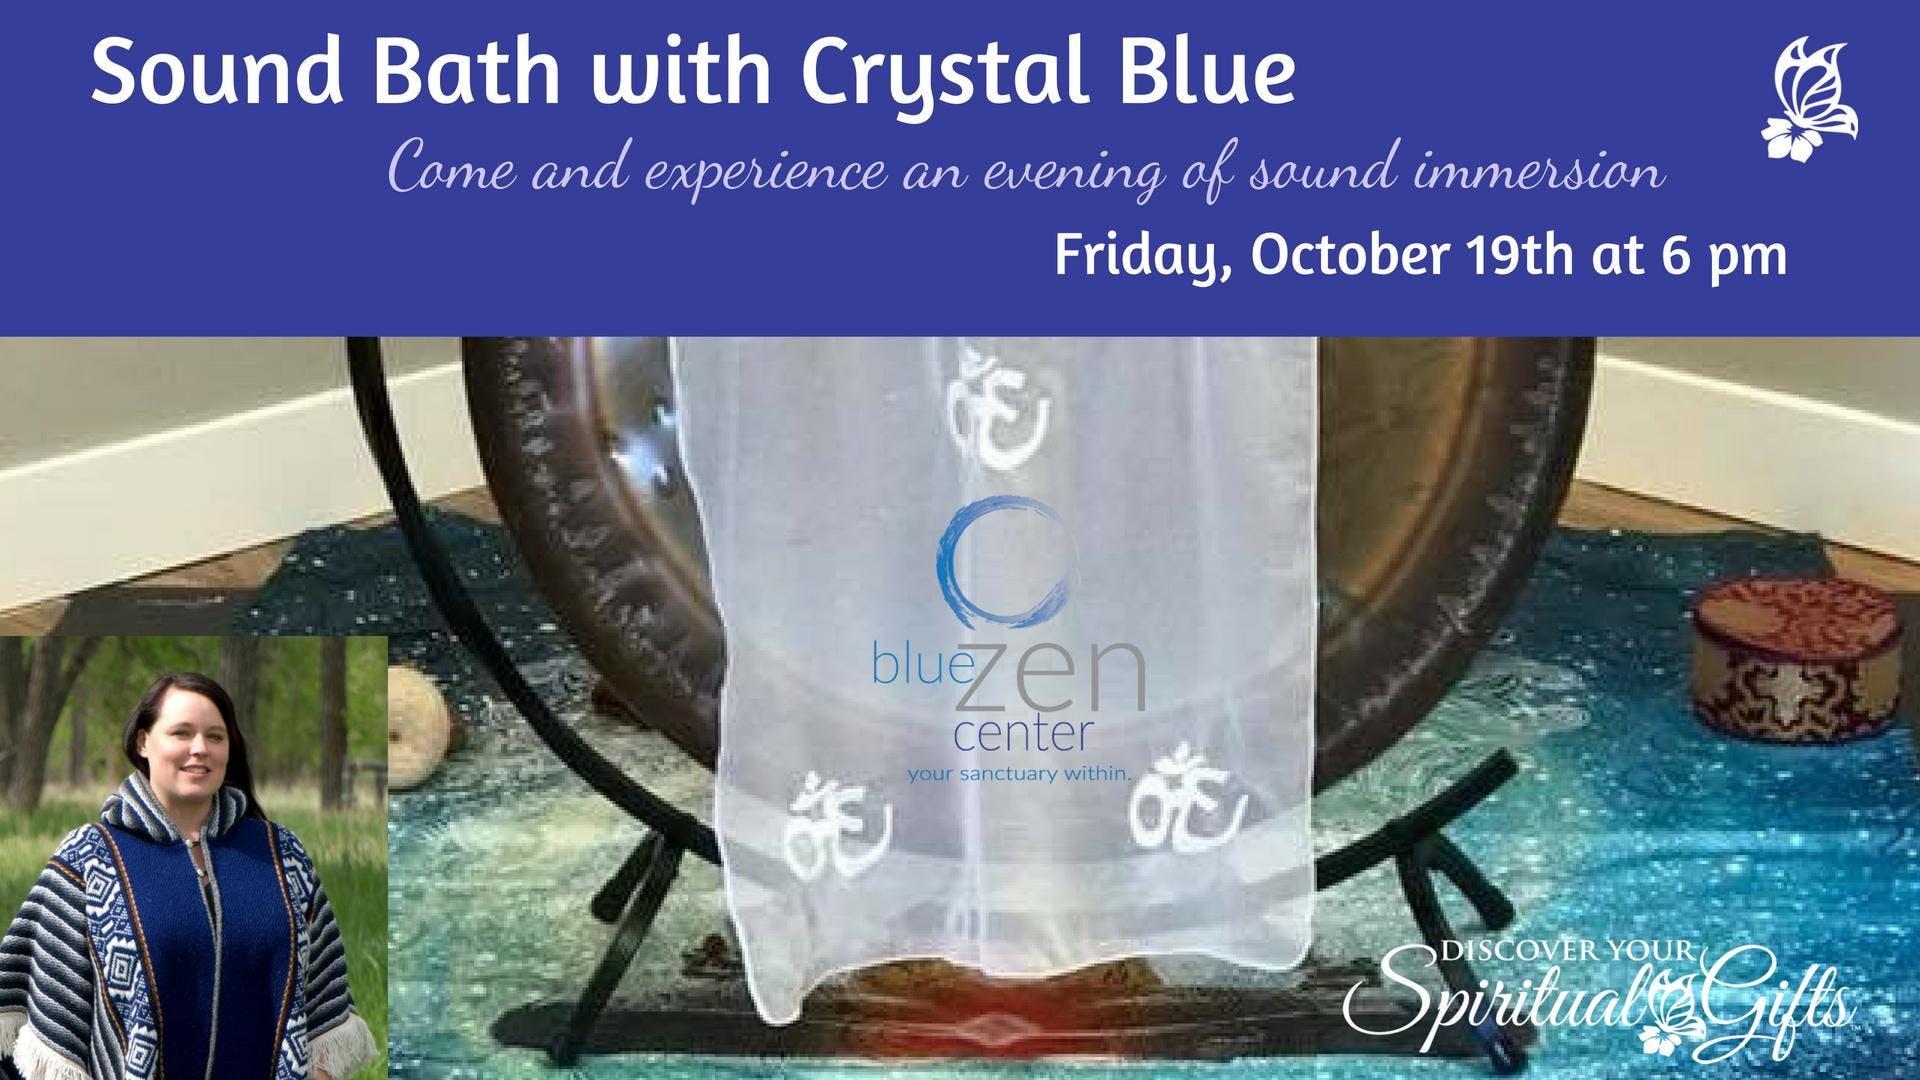 Sound Bath with Crystal Blue